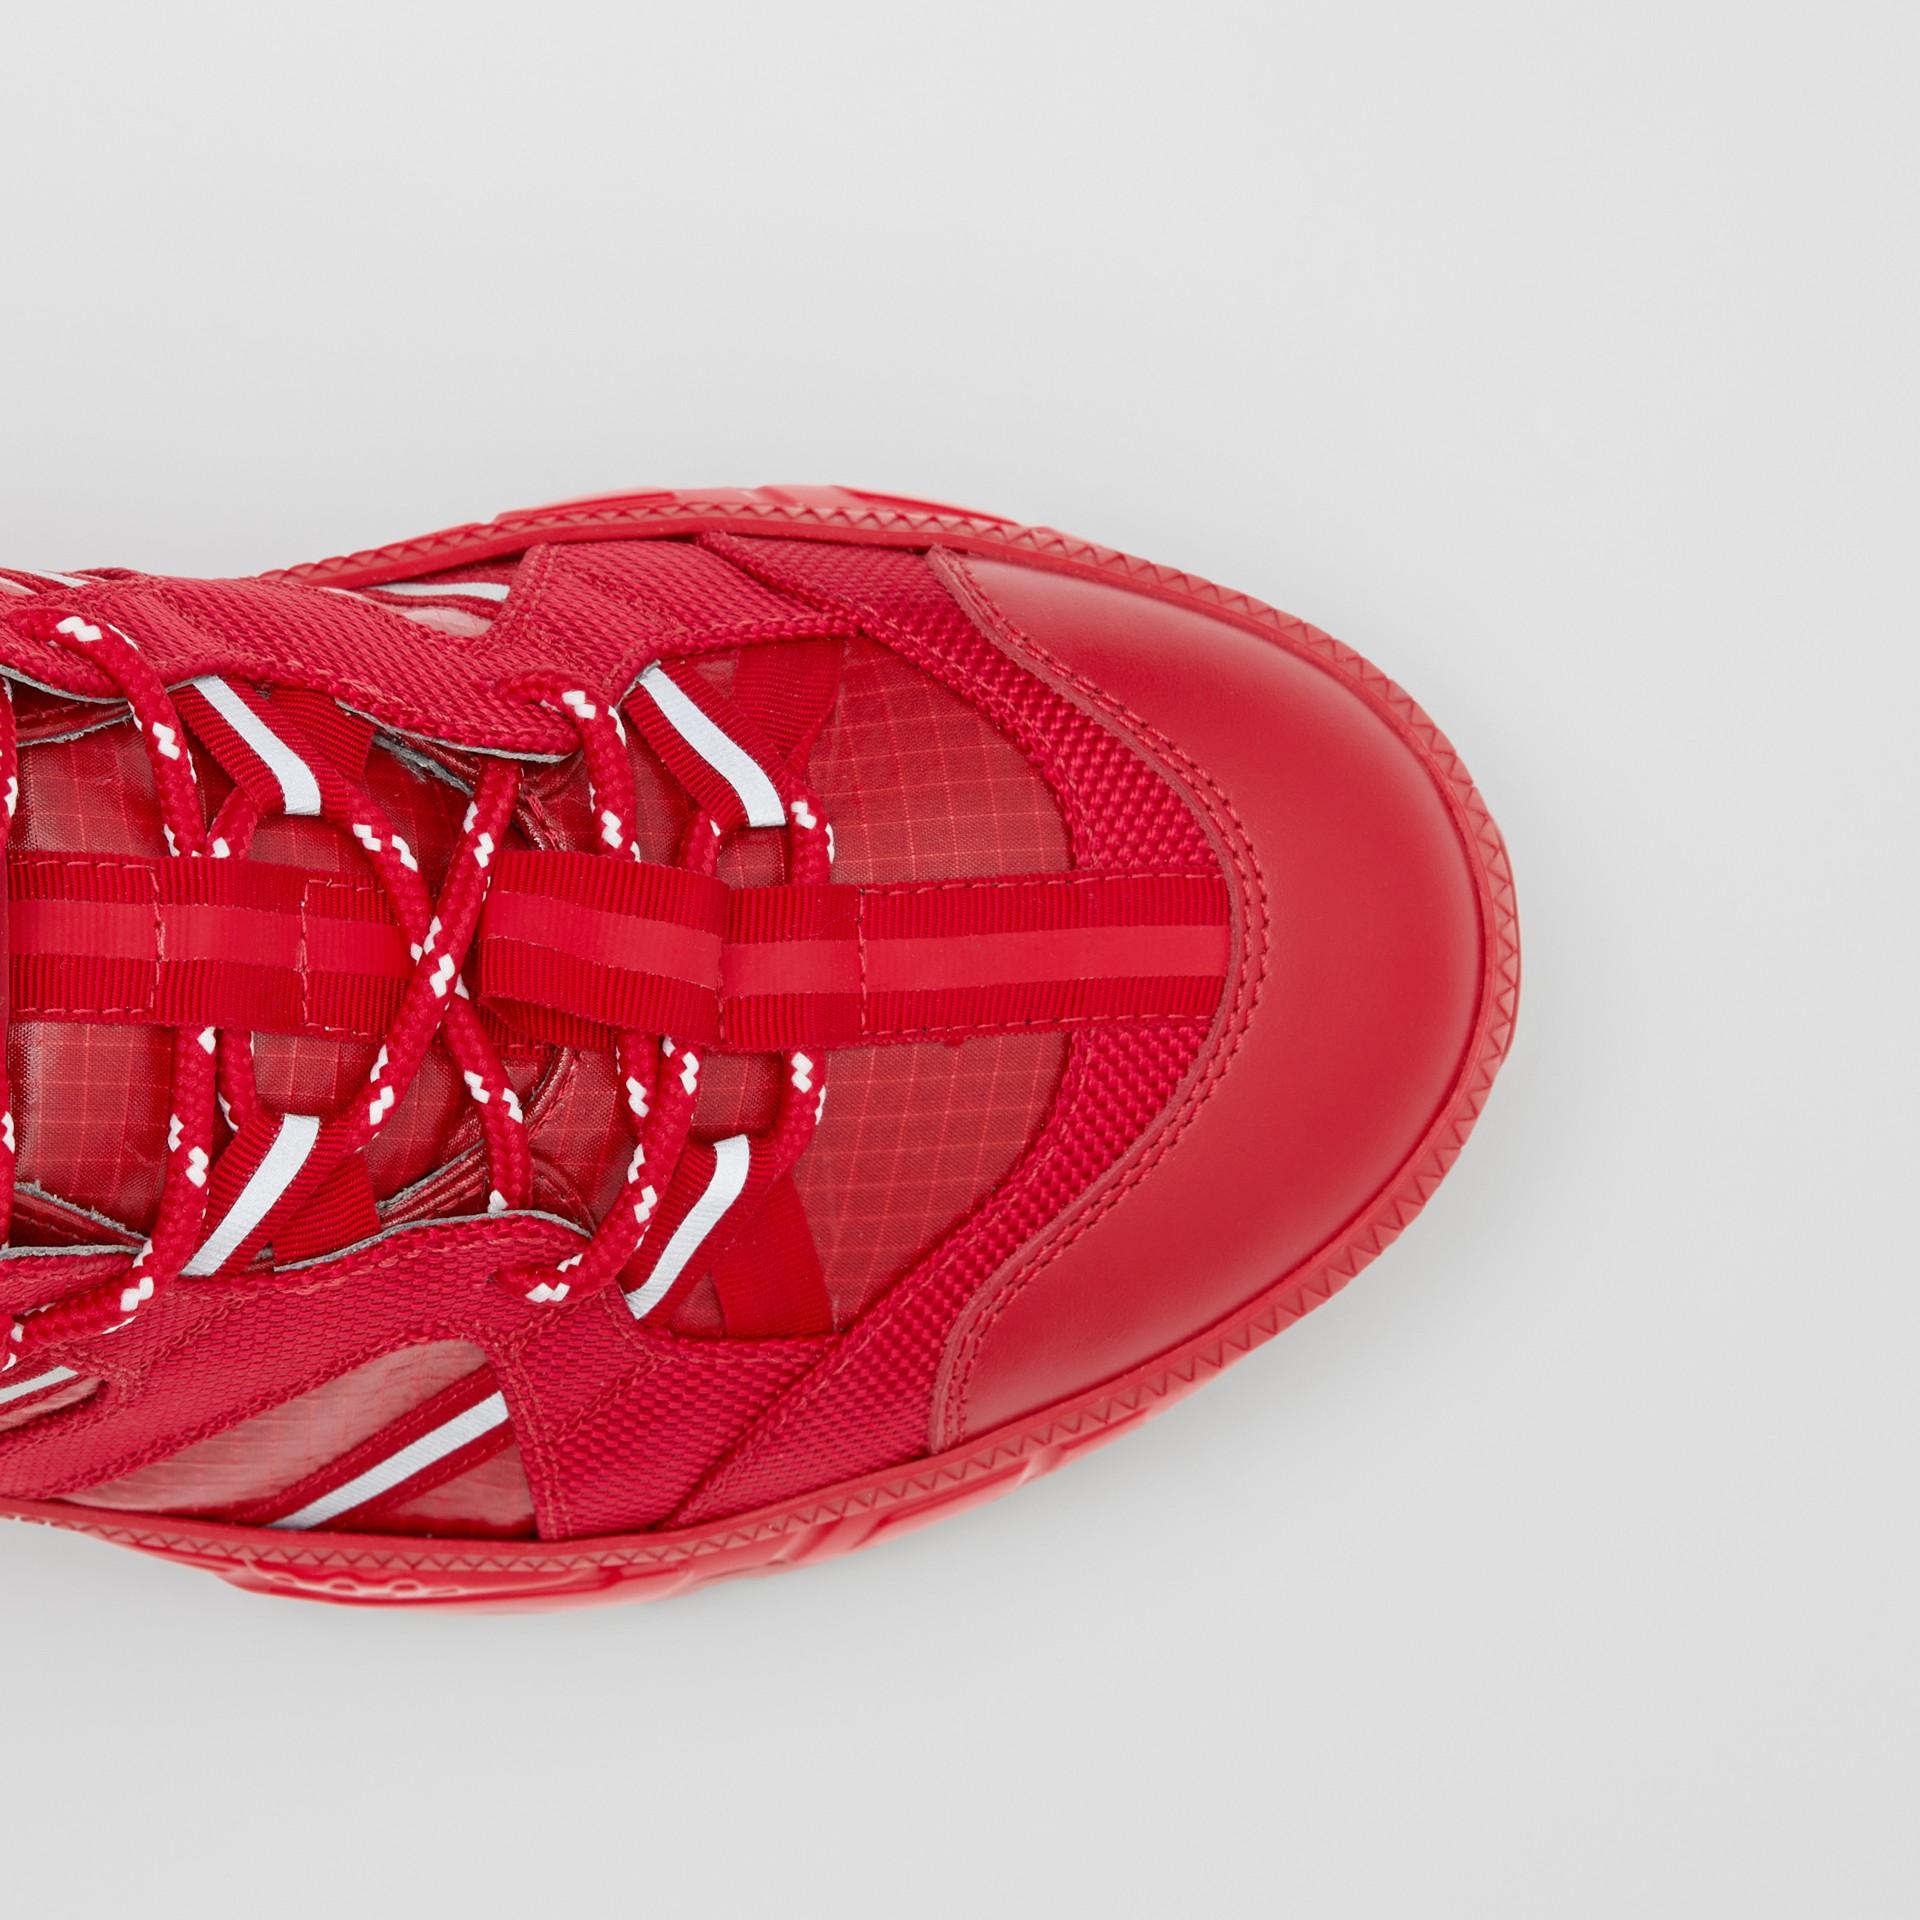 尼龍和皮革 Union 運動鞋 (亮紅色) - 女款   Burberry - 圖庫照片 7